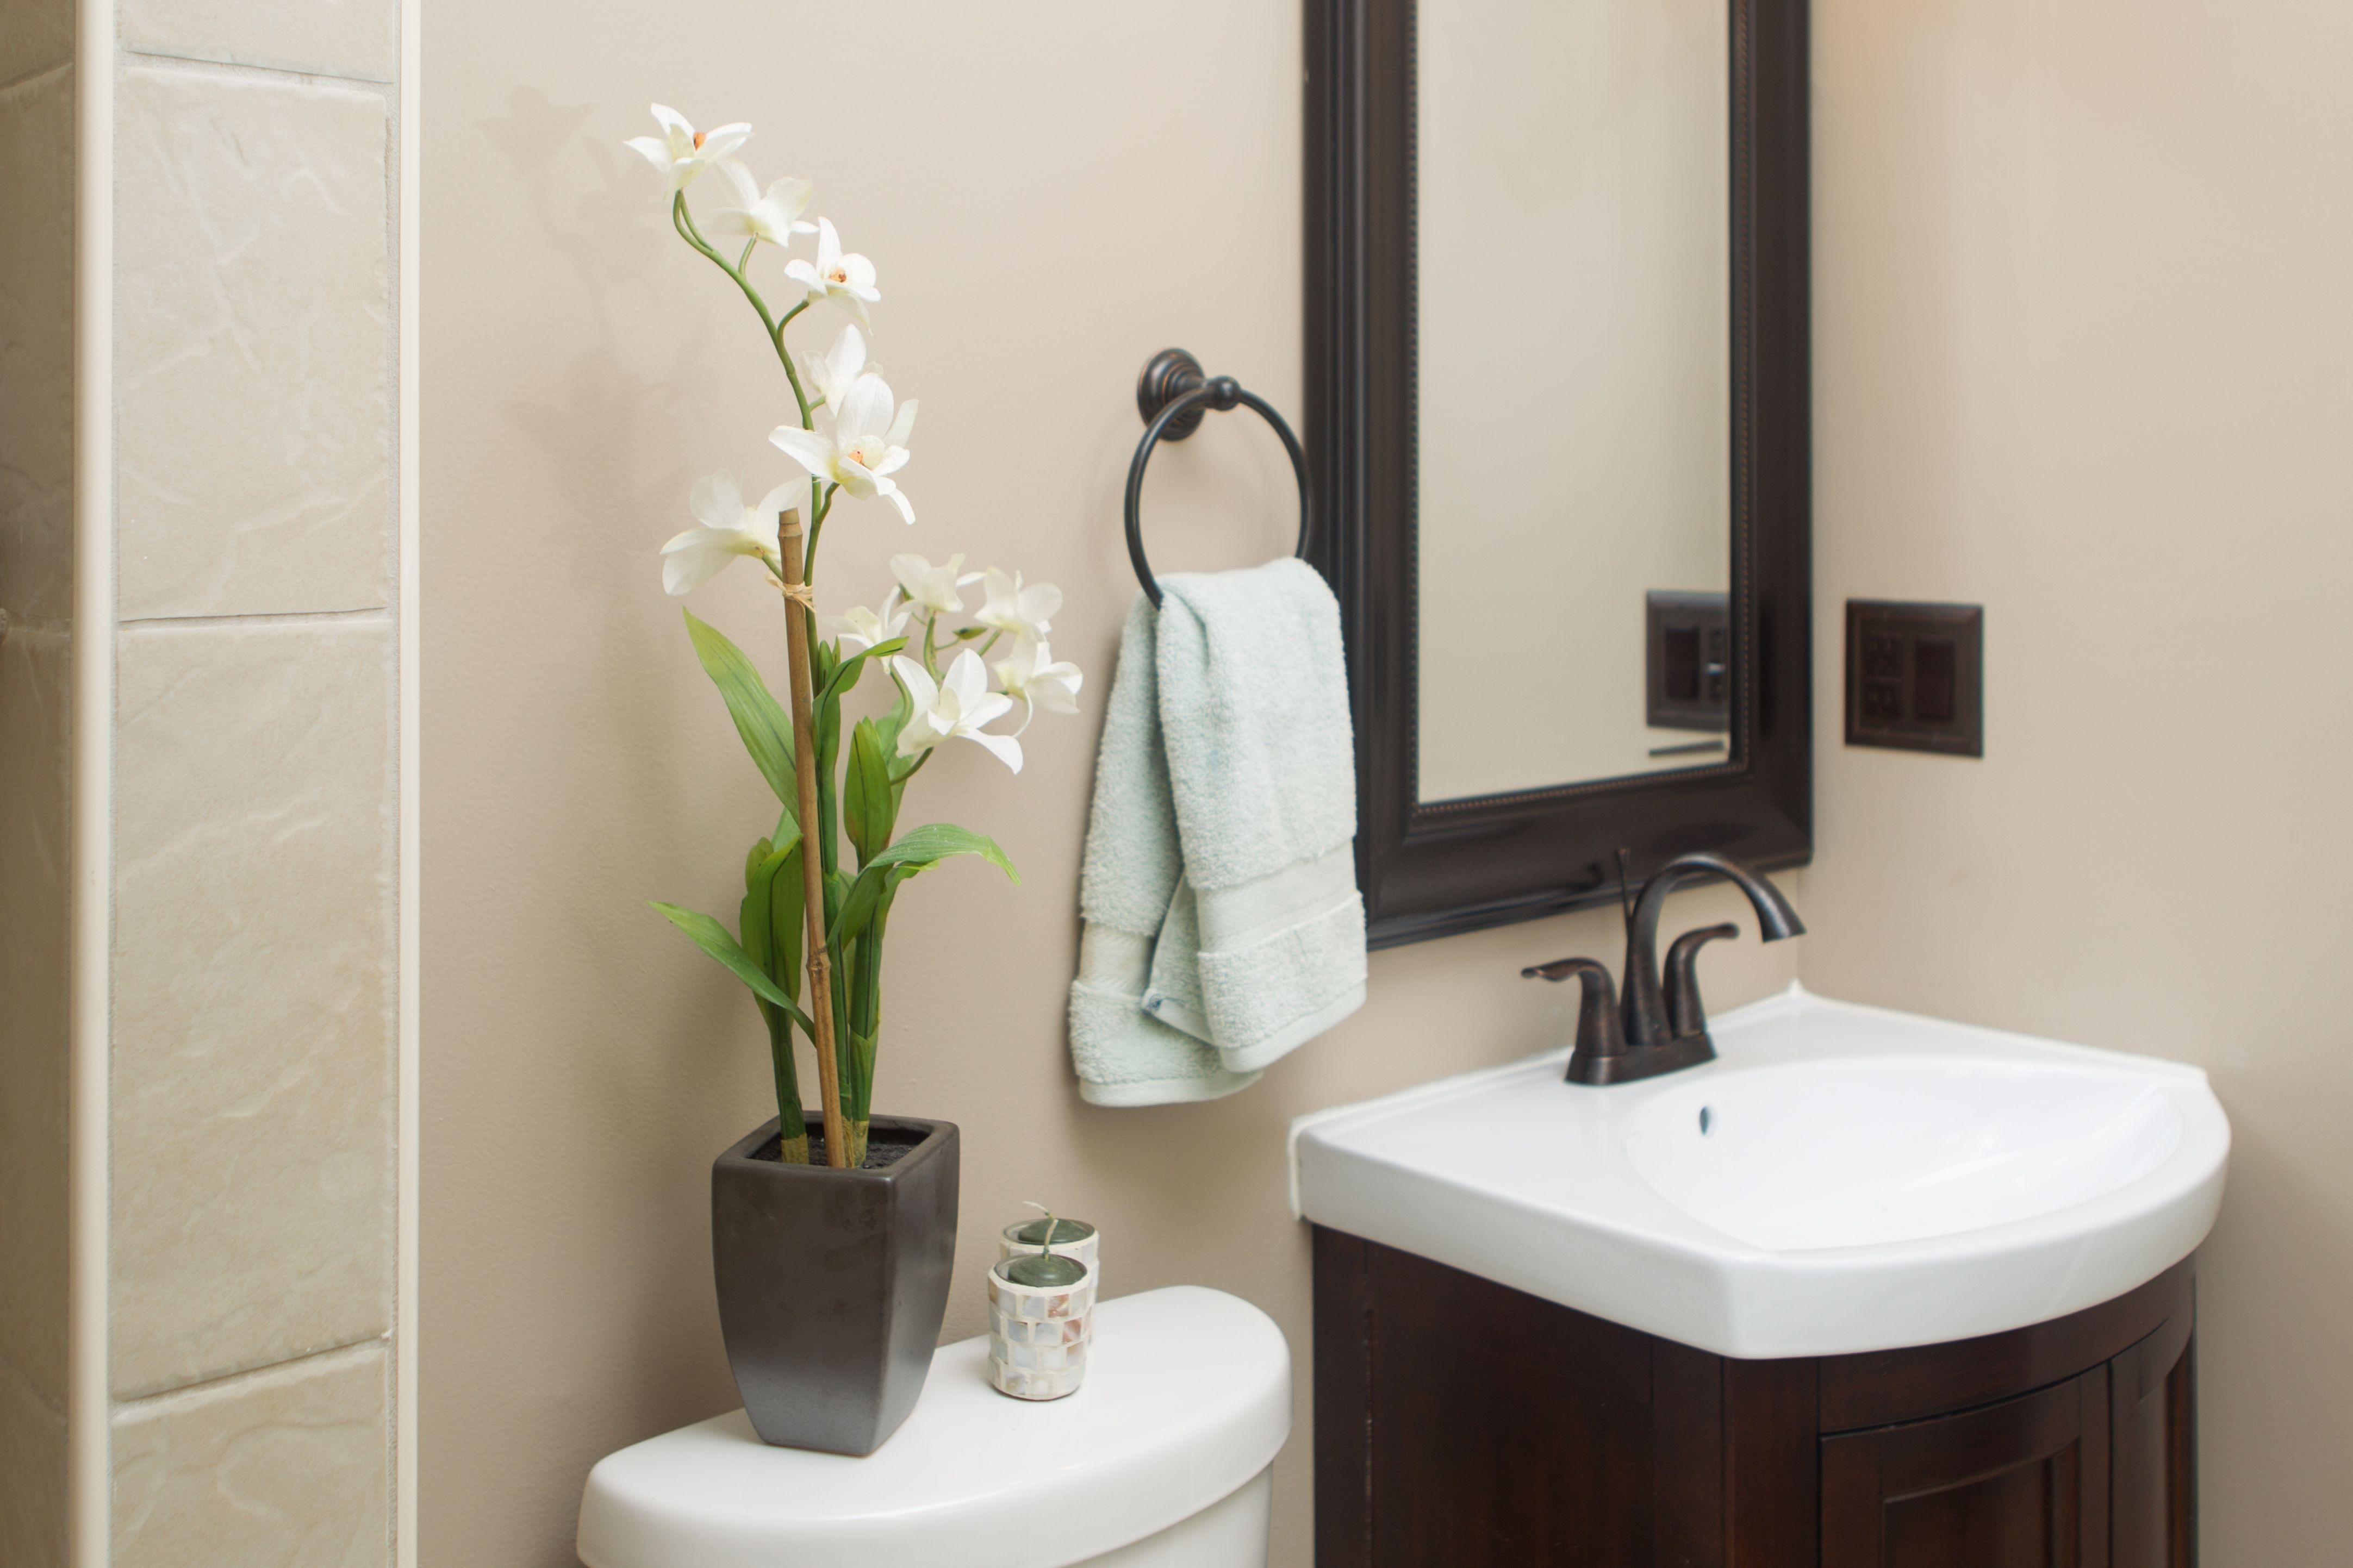 Image result for washroom decor jitus udita kitchen pinterest